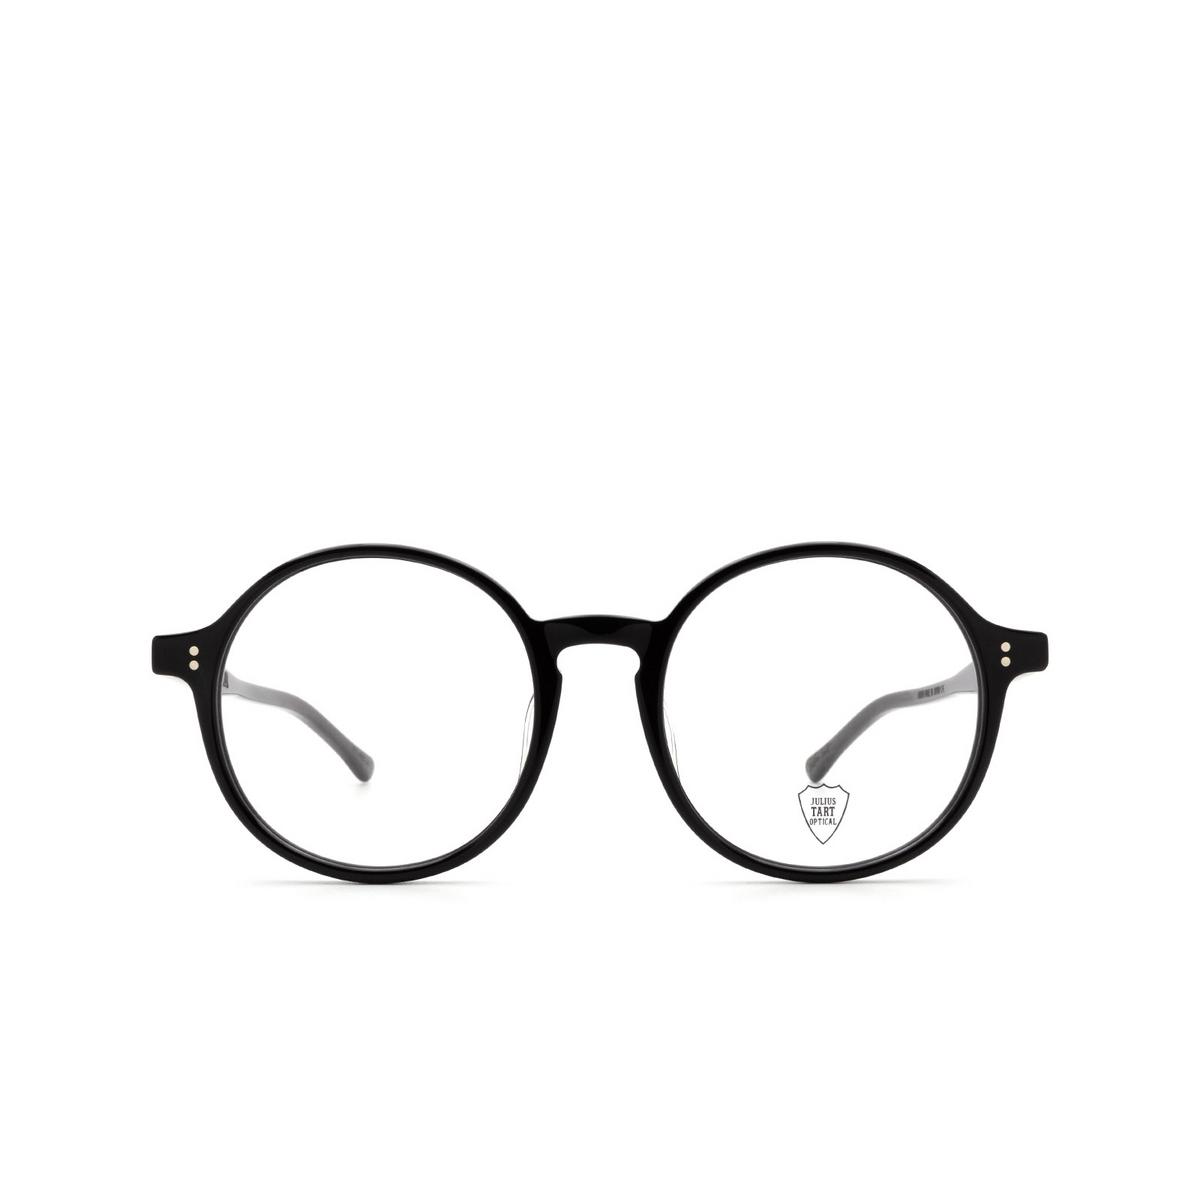 Julius Tart Optical® Round Eyeglasses: Higgins color Black - front view.